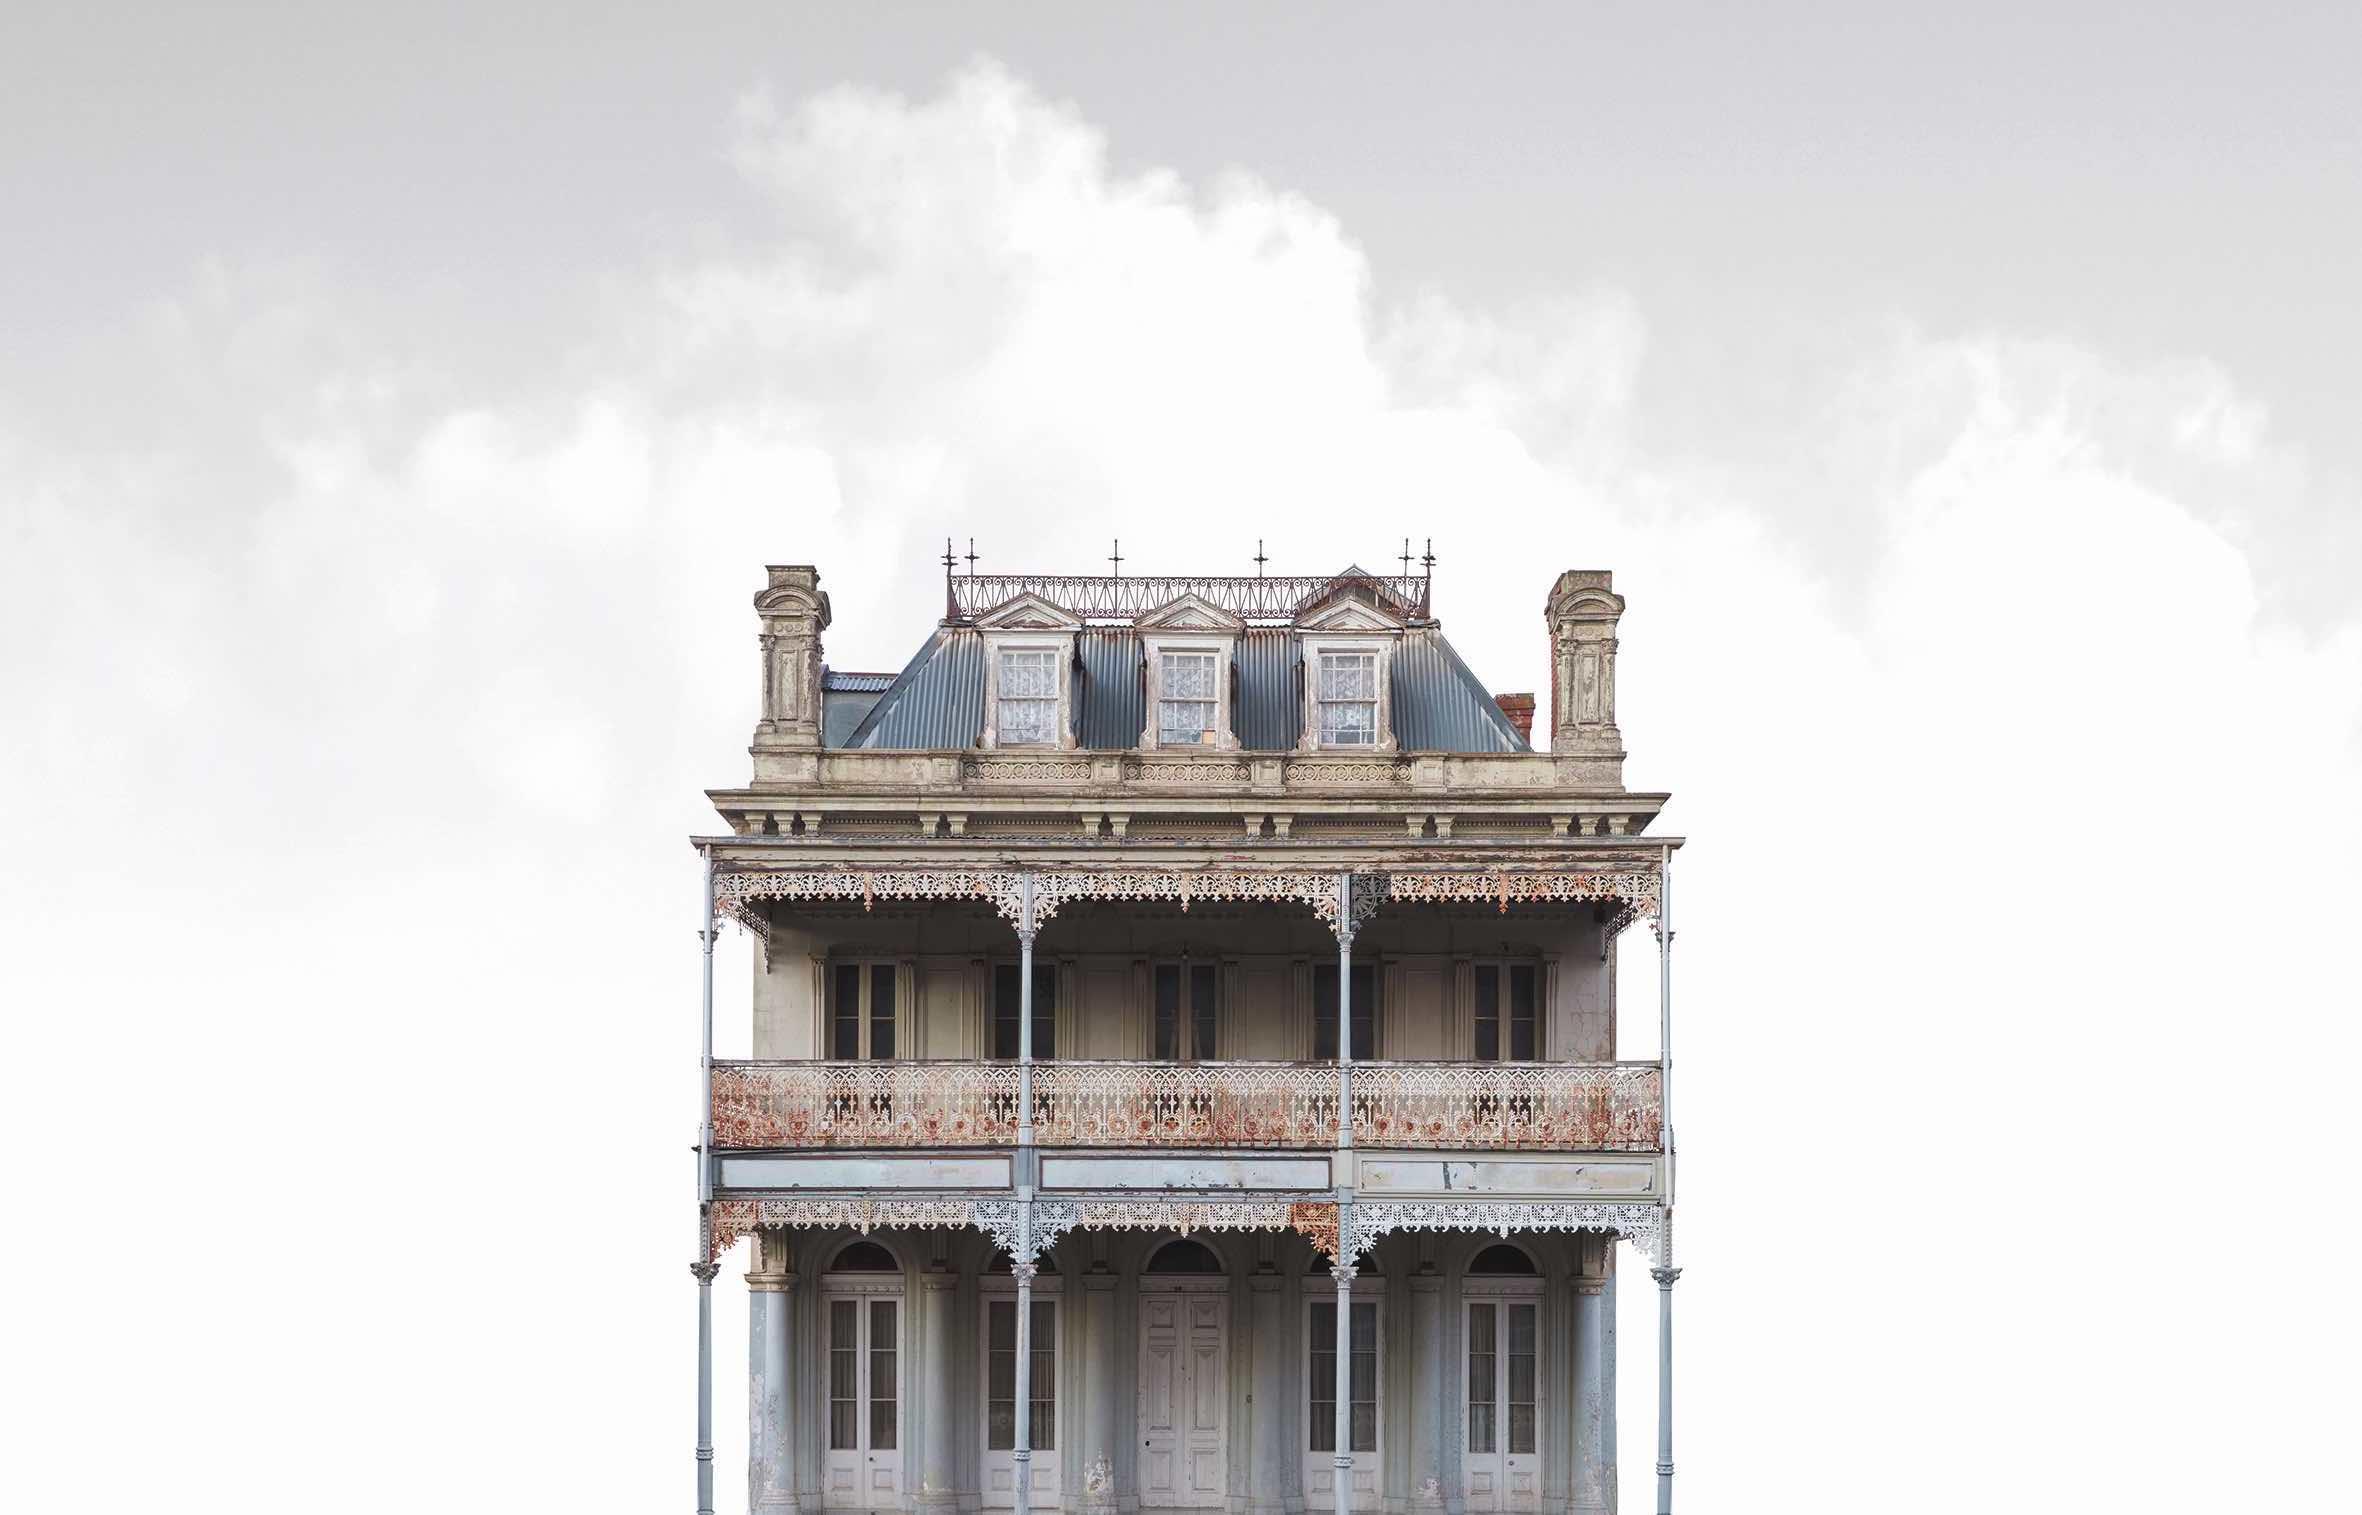 Cloudstreet, Malthouse